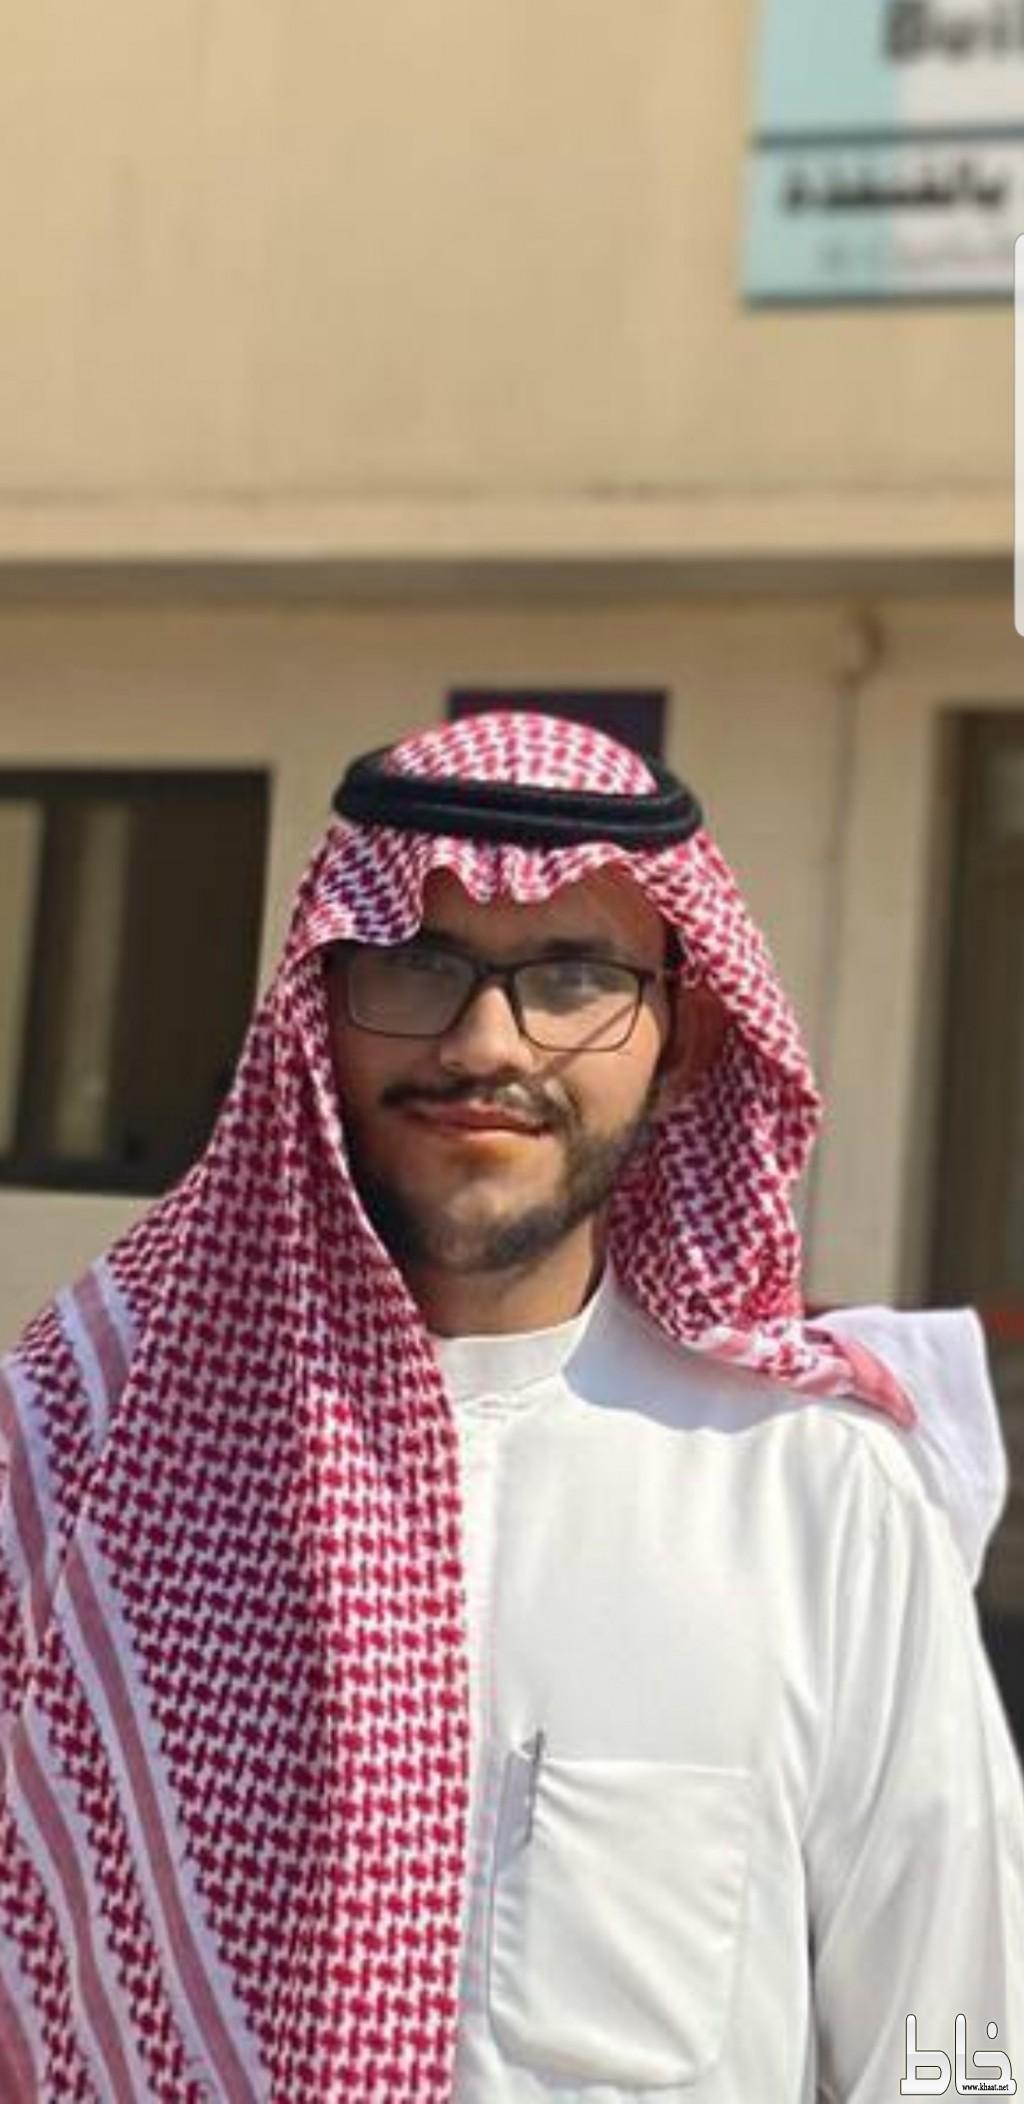 خالد بن محسن العمري يحصل على البكالوريوس في الدراسات الاسلامية من جامعة ام القرى